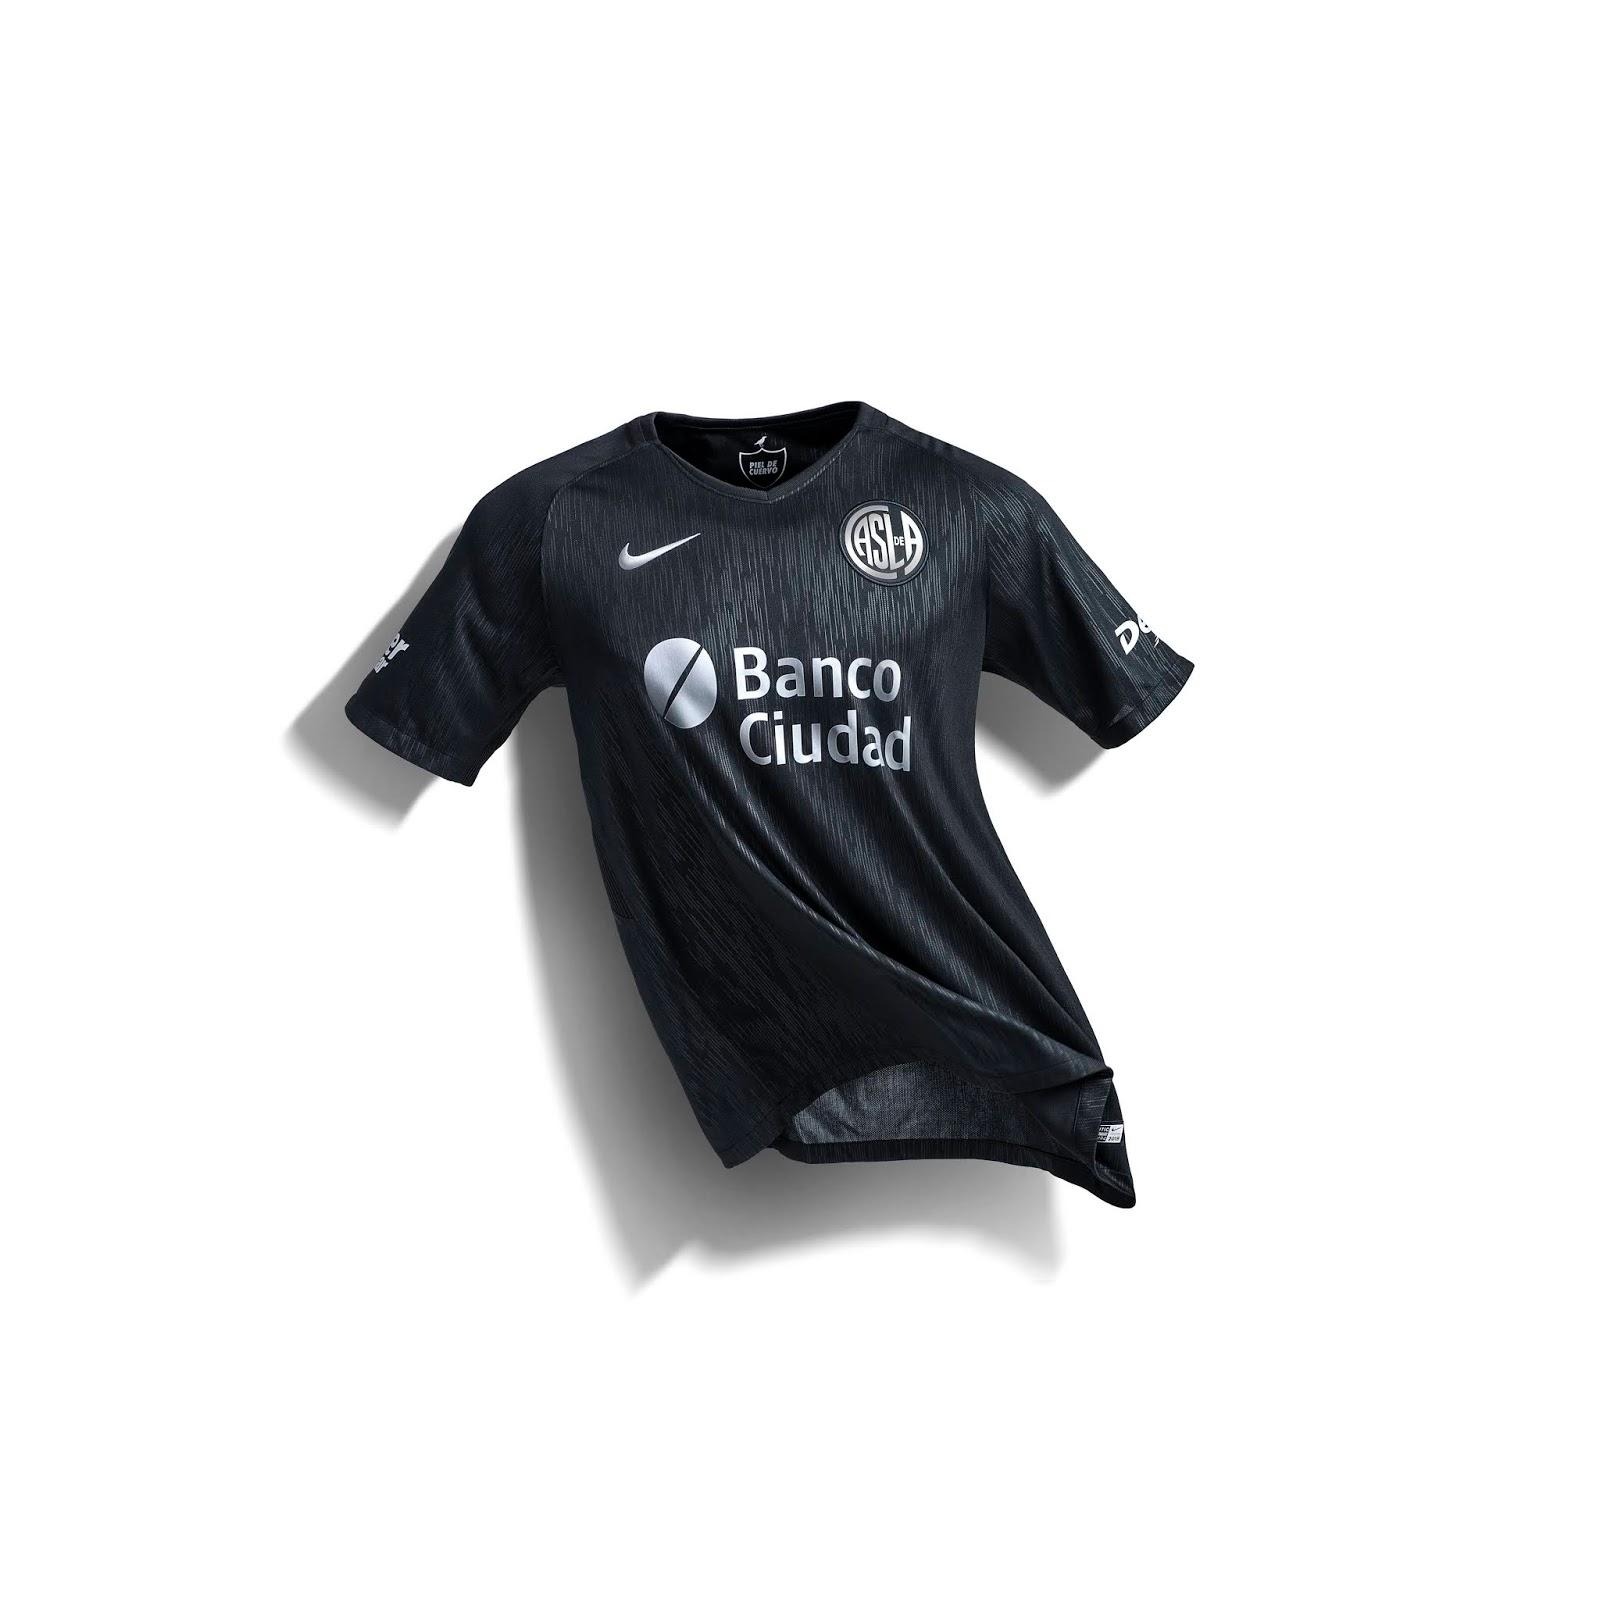 POLIDEPORTIVO NEWS  Fútbol  San Lorenzo estrena nueva camiseta